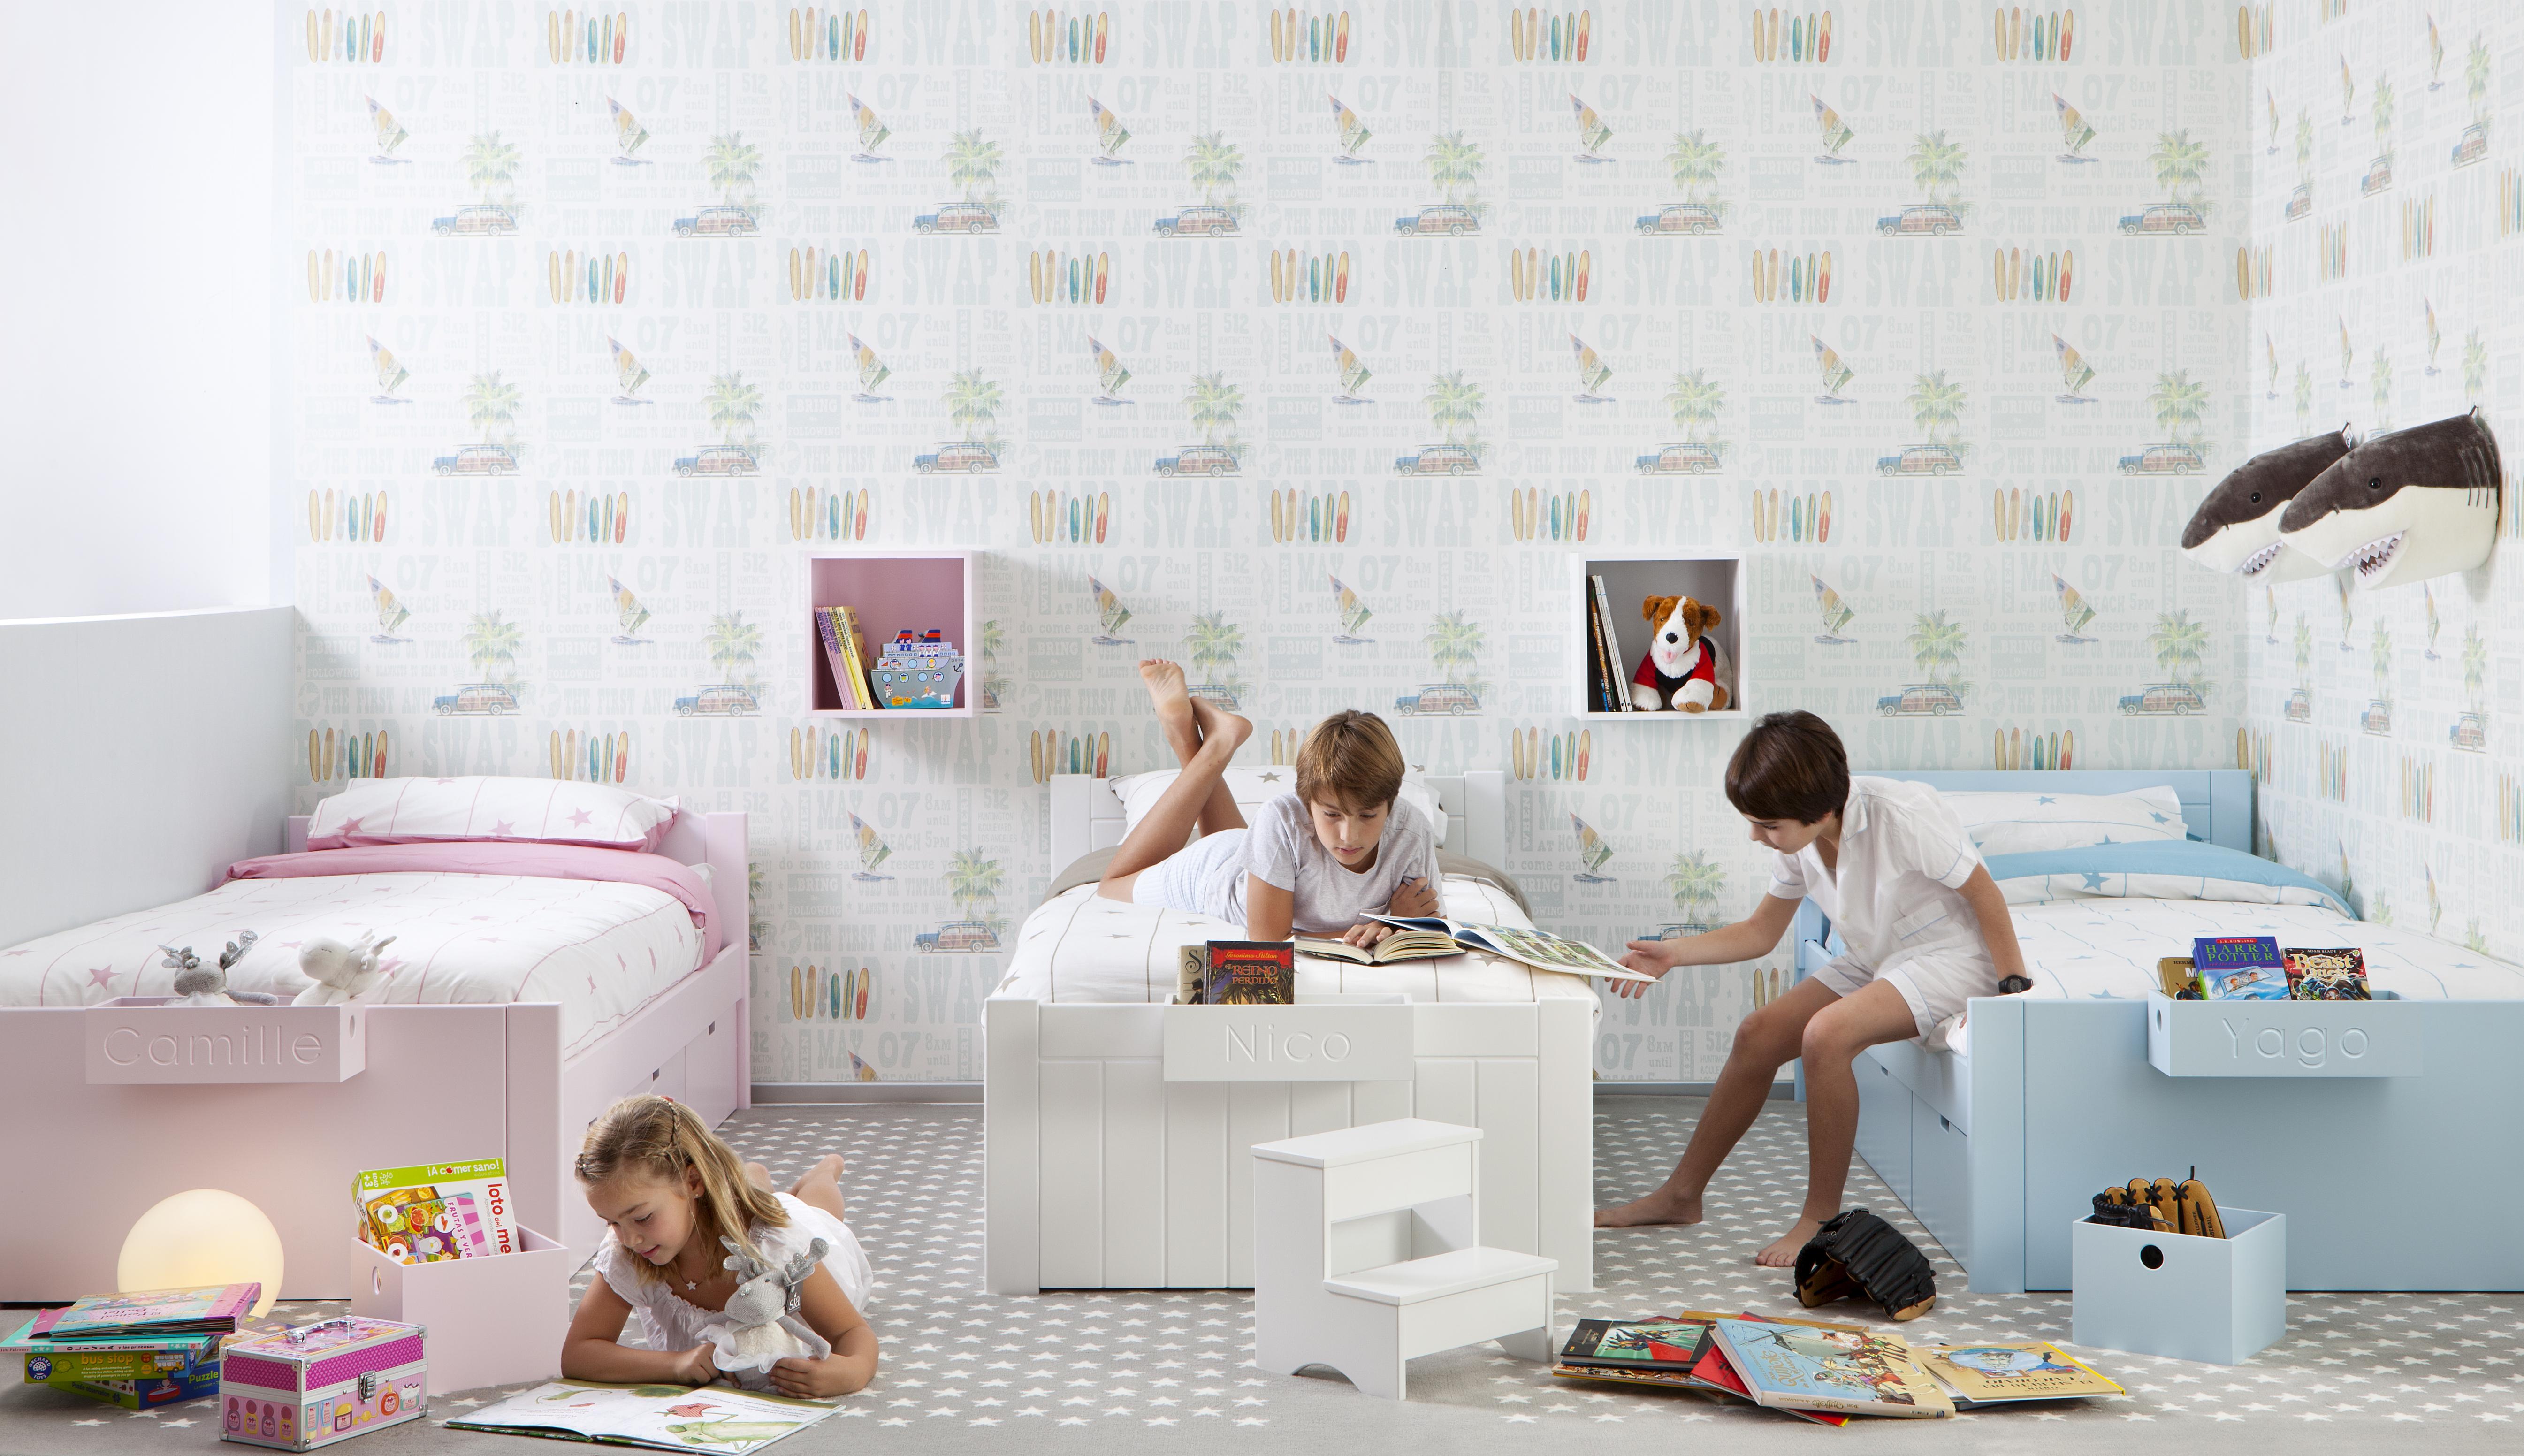 leur permettre quand mme de recevoir leurs amis grce loffre daujourdhui il est facile dintgrer un lit dappoint dans une chambre pour 2 enfants